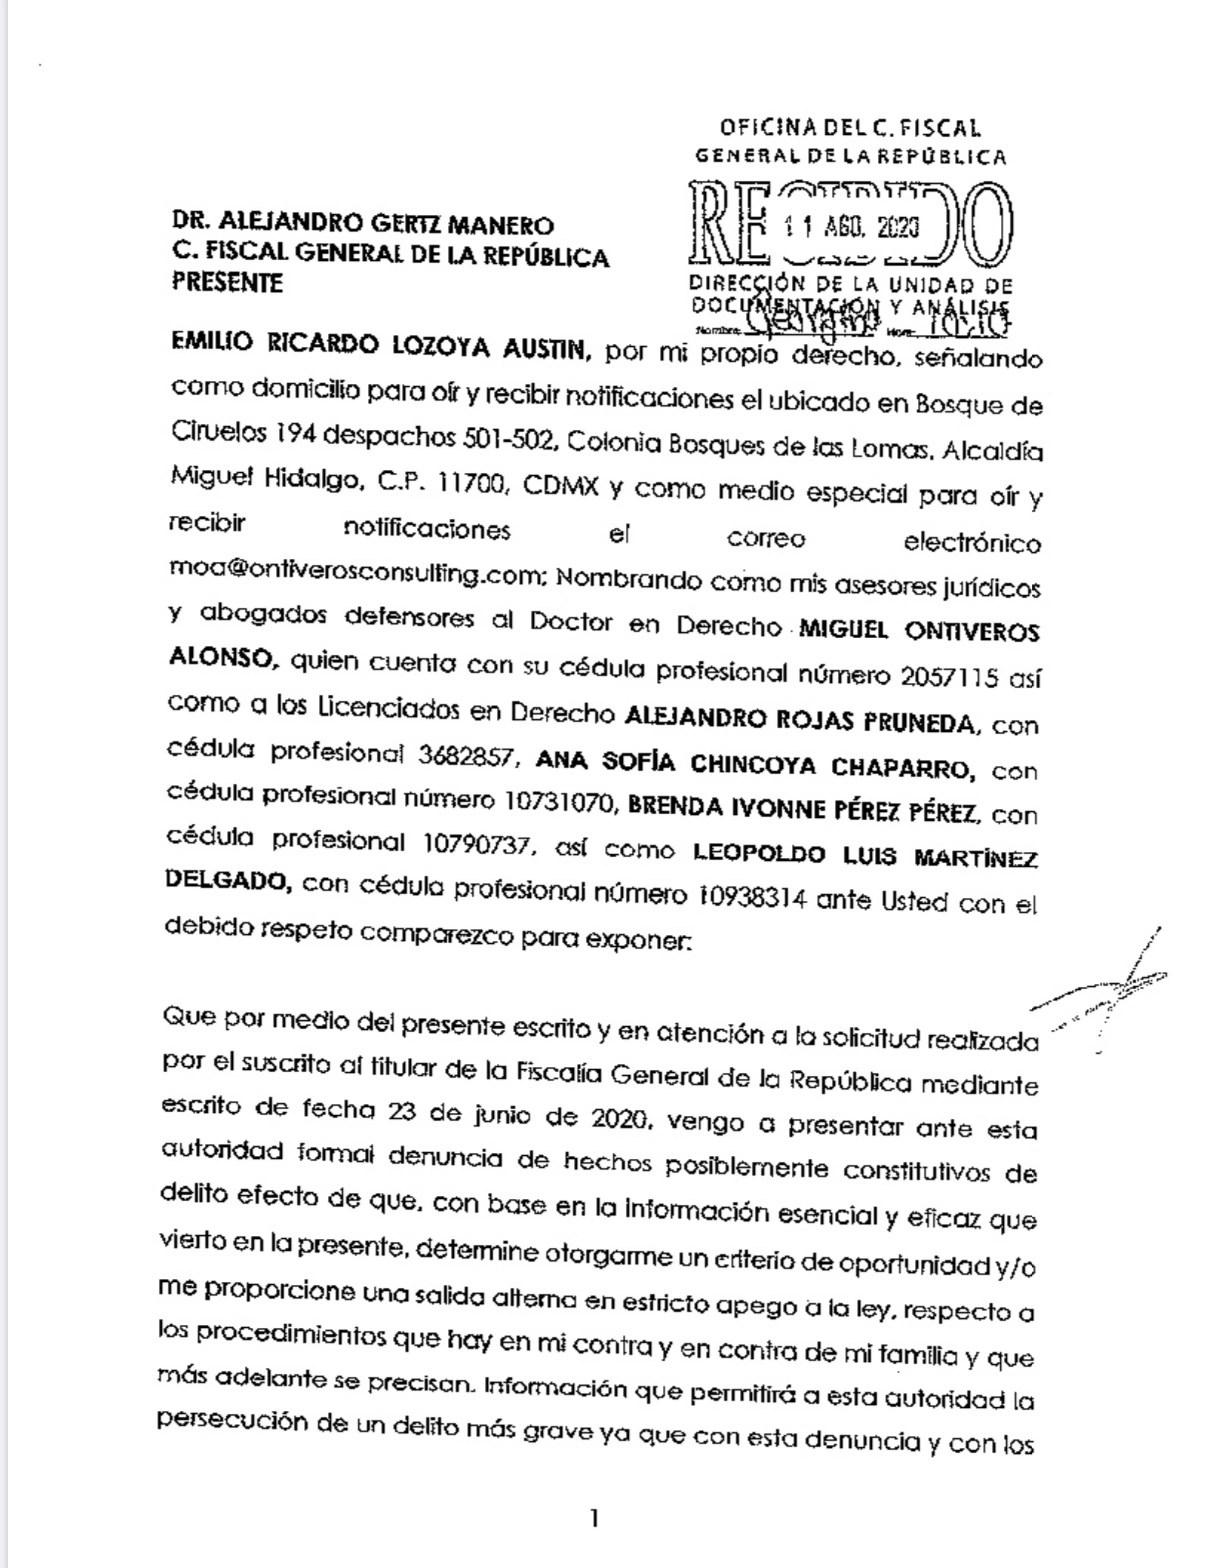 La presunta declaración de Lozoya